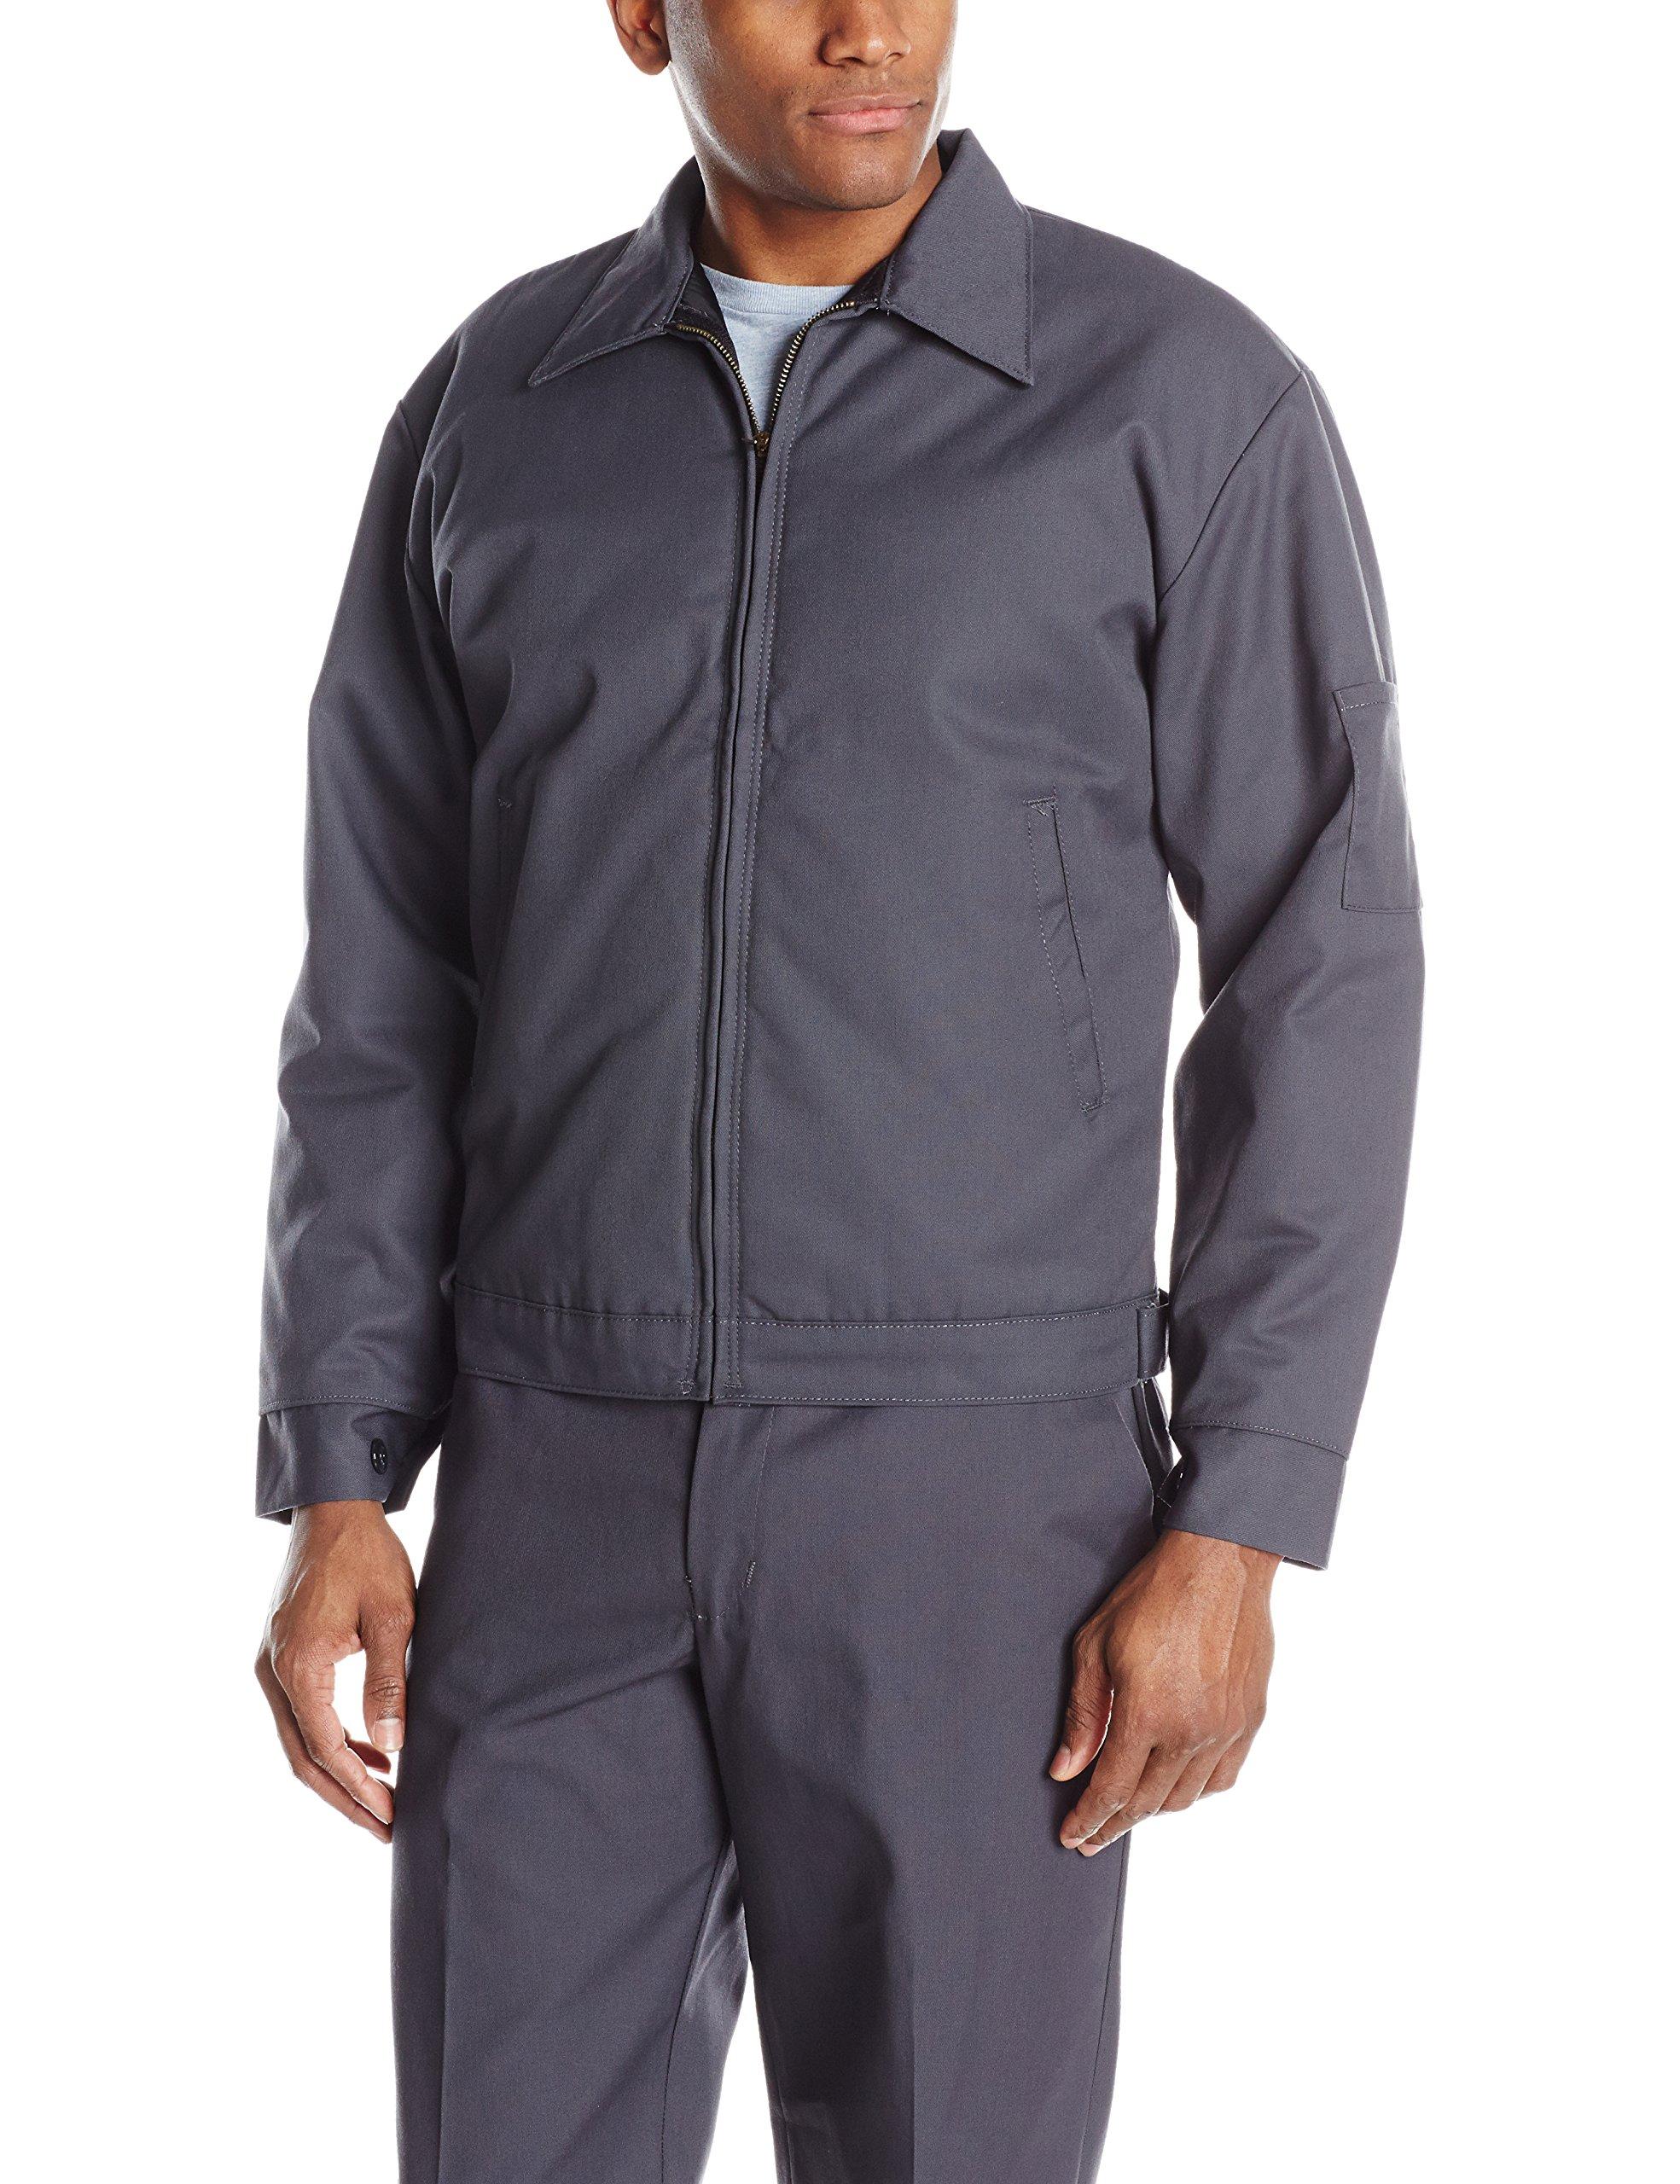 Red Kap Men's Slash Pocket Quilt-Lined Jacket, Charcoal, Long 2X-Large